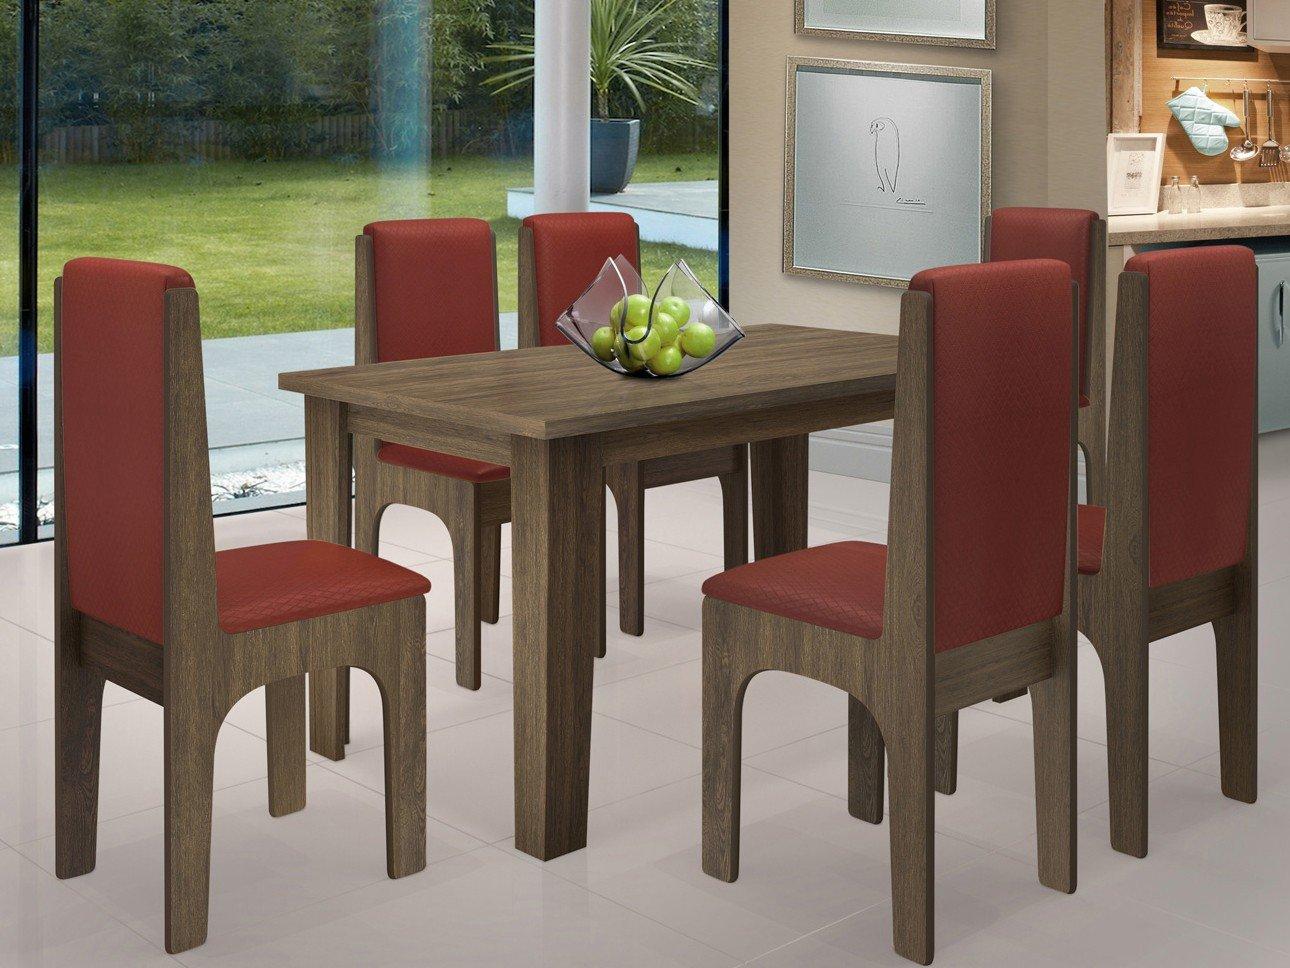 Foto 1 - Conjunto de Mesa com 6 Cadeiras Estofadas - Dobuê Movelaria Miami